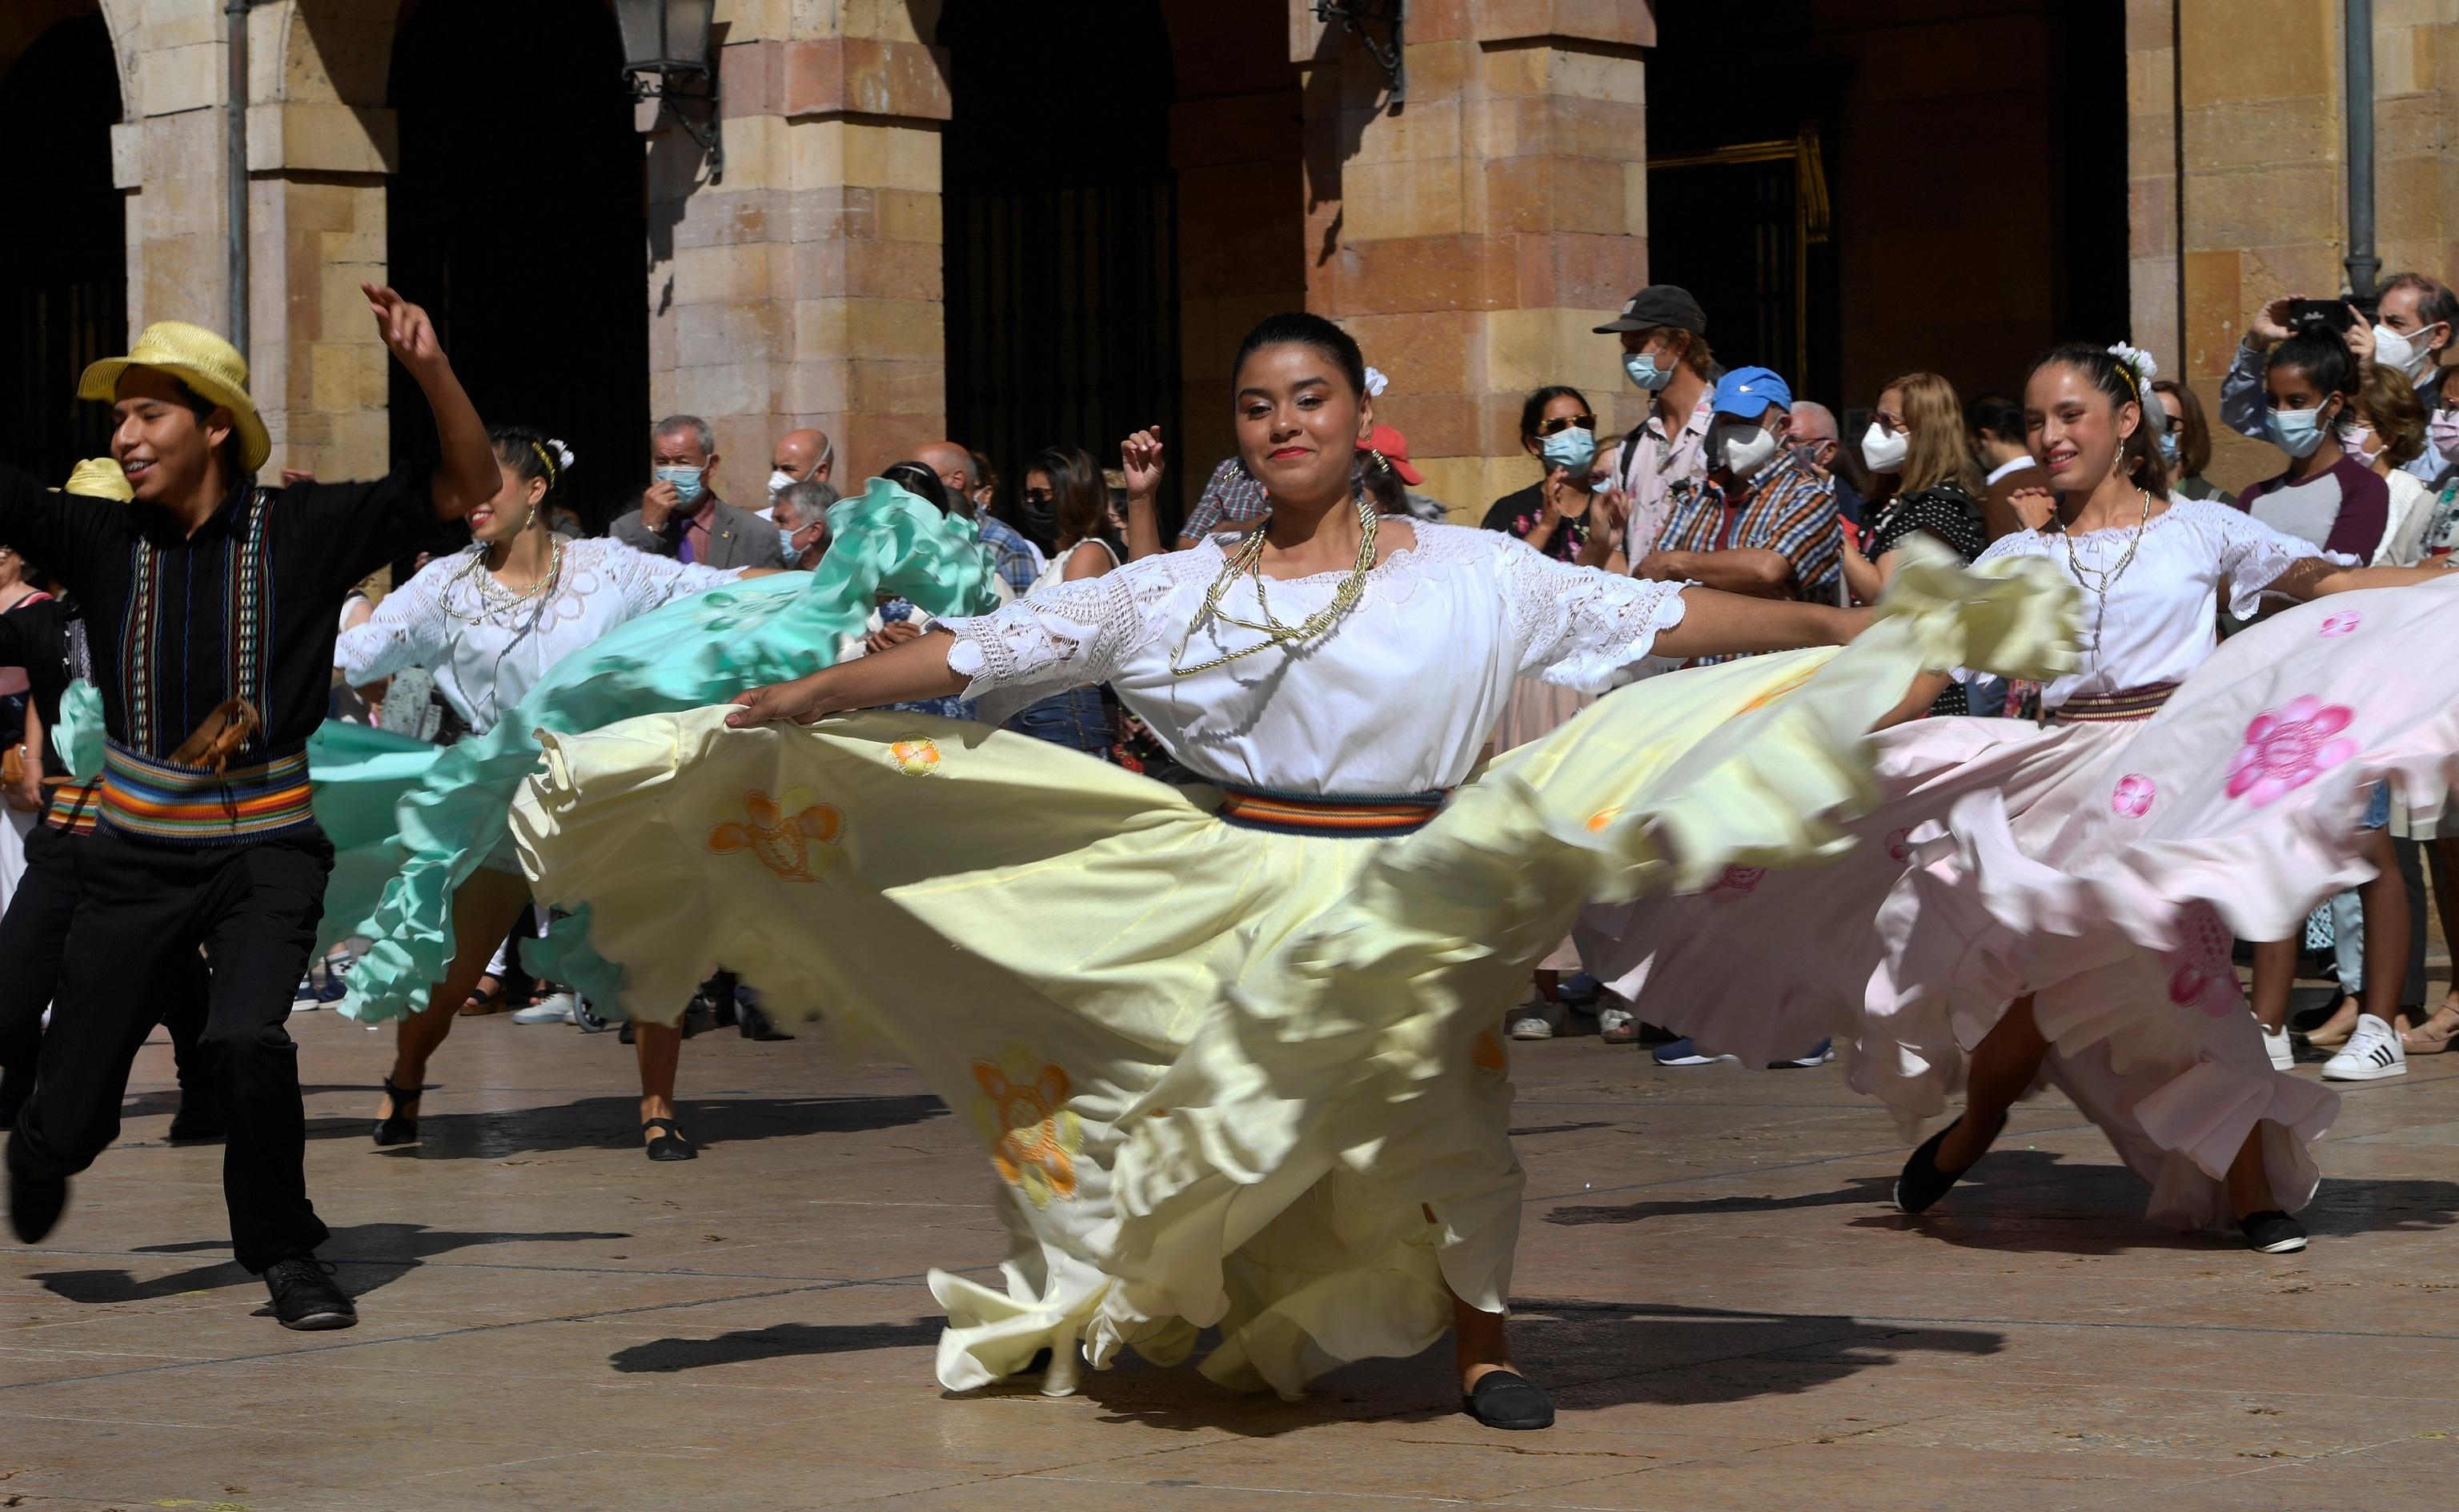 """Actuaciones de grupos folklóricos hispanoamericanos durante el tradicional """"Día de América en Asturias"""" celebrado en el marco de las fiestas patronales de San Mateo de Oviedo."""